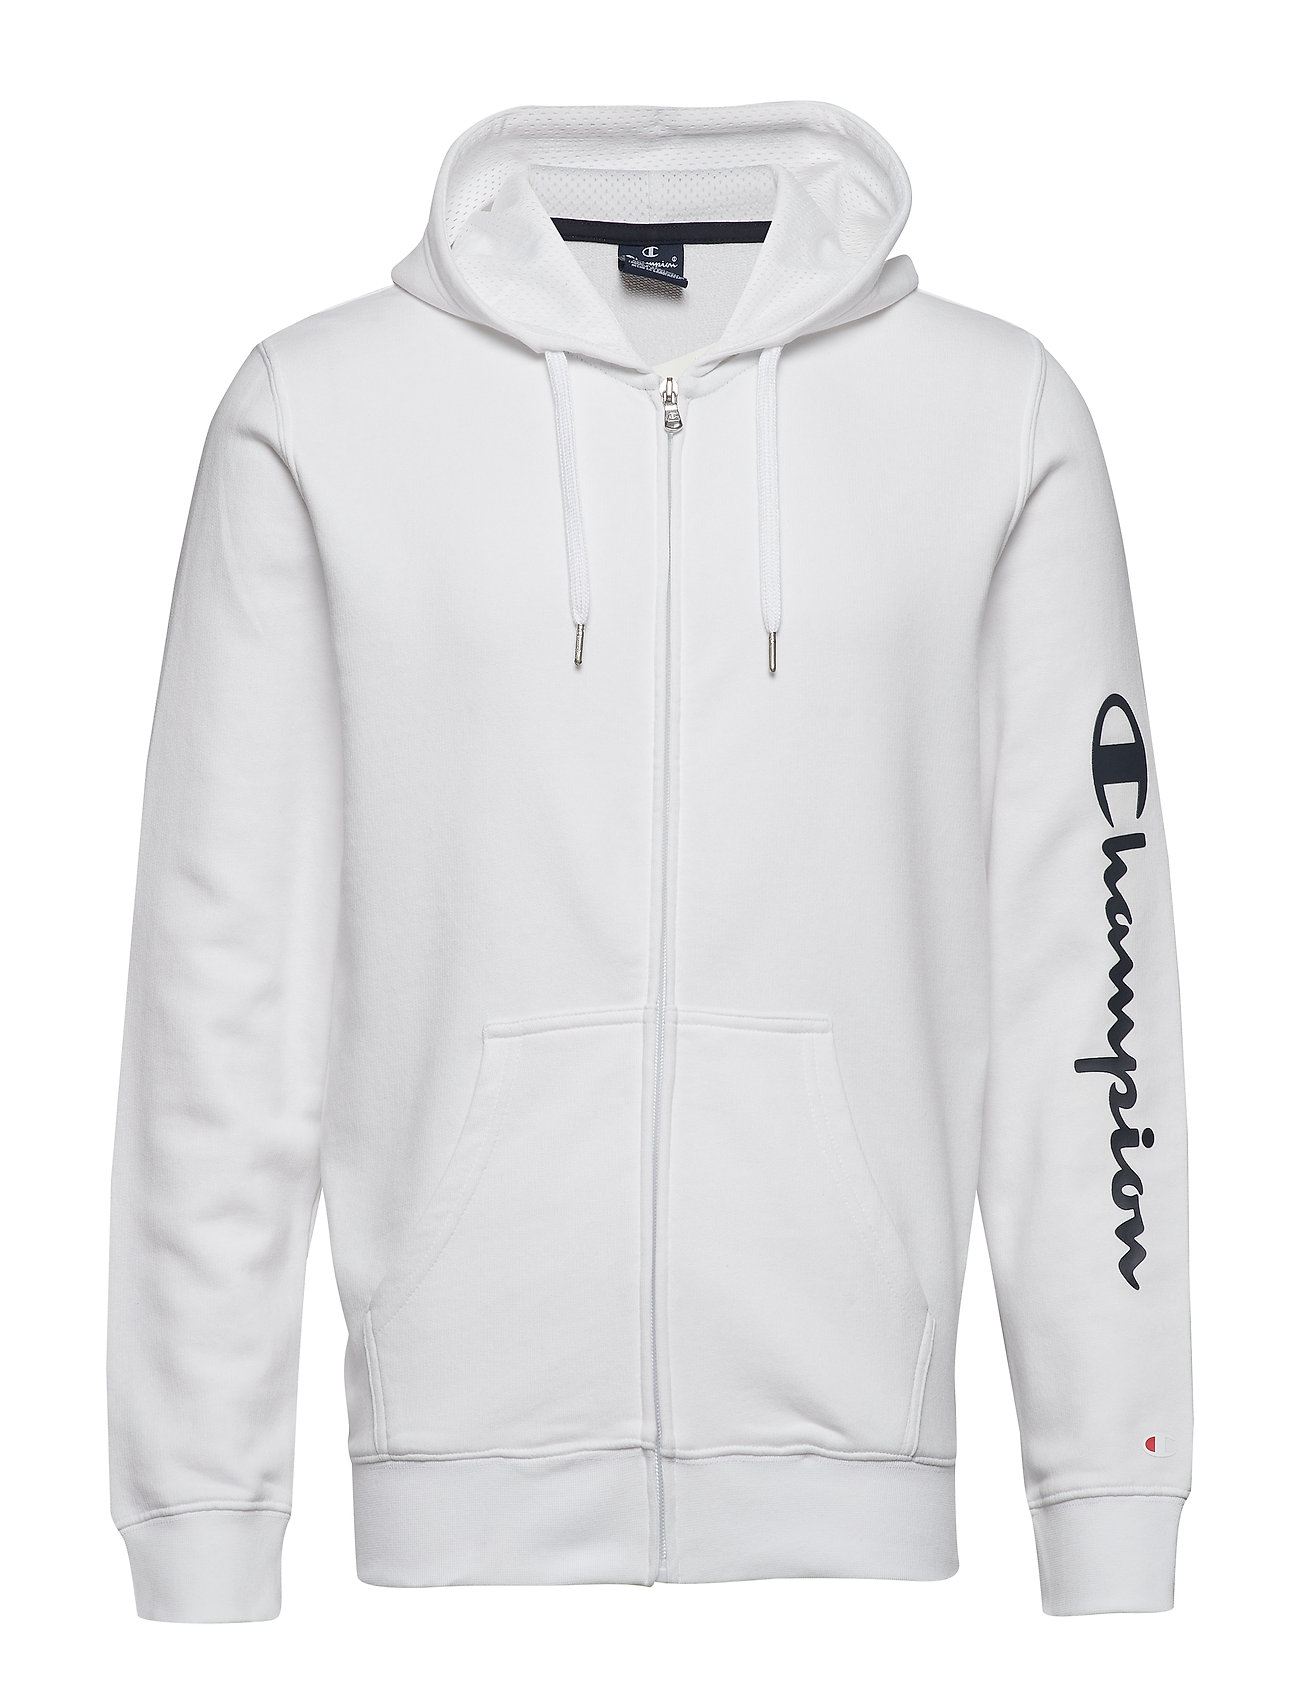 Champion Hooded Full Zip Sweatshirt - WHITE